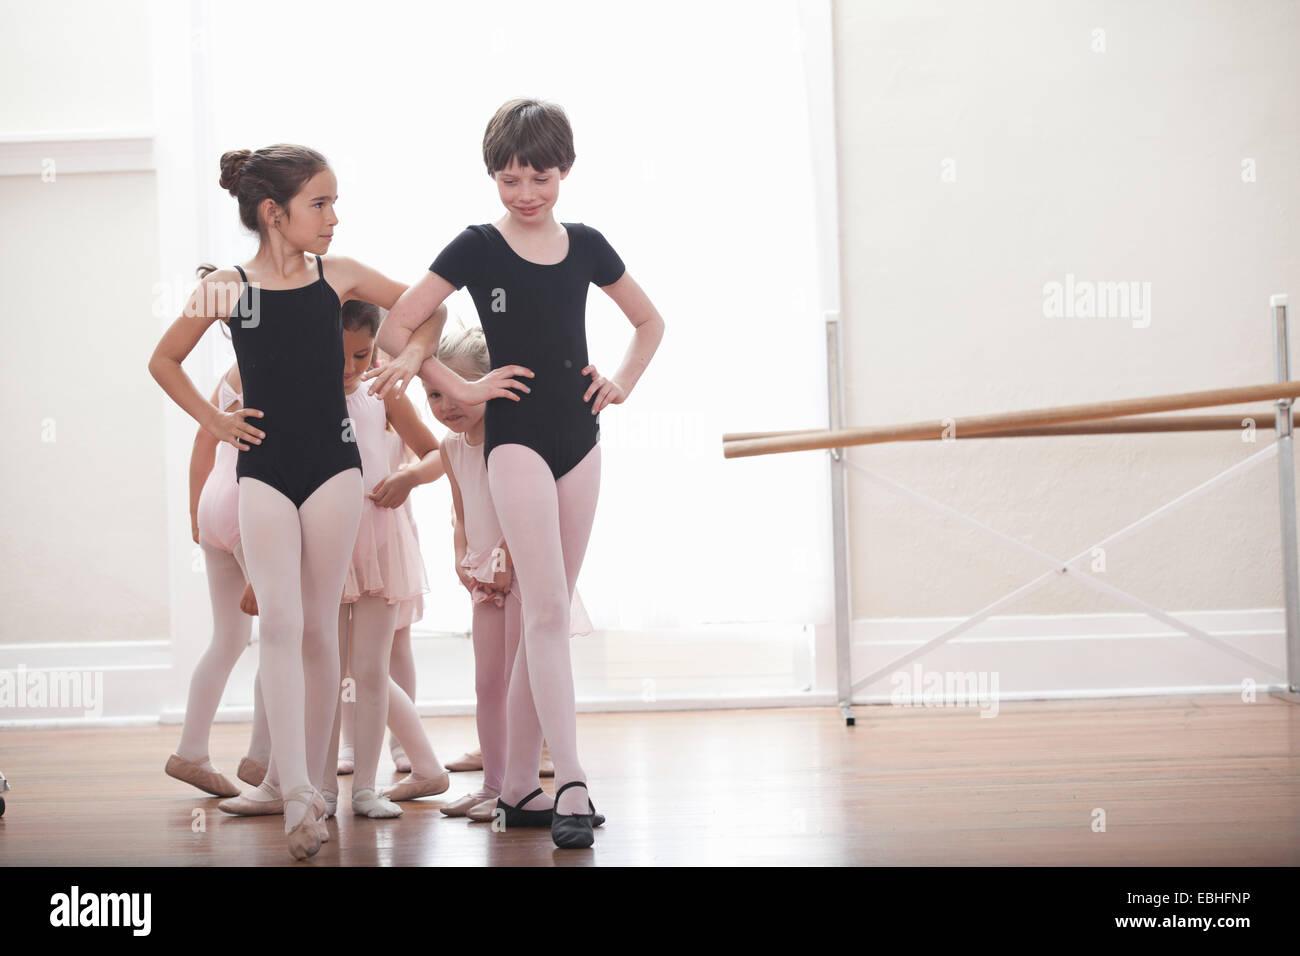 Grupo de chicas practicando con las manos en las caderas, en la escuela de ballet Imagen De Stock